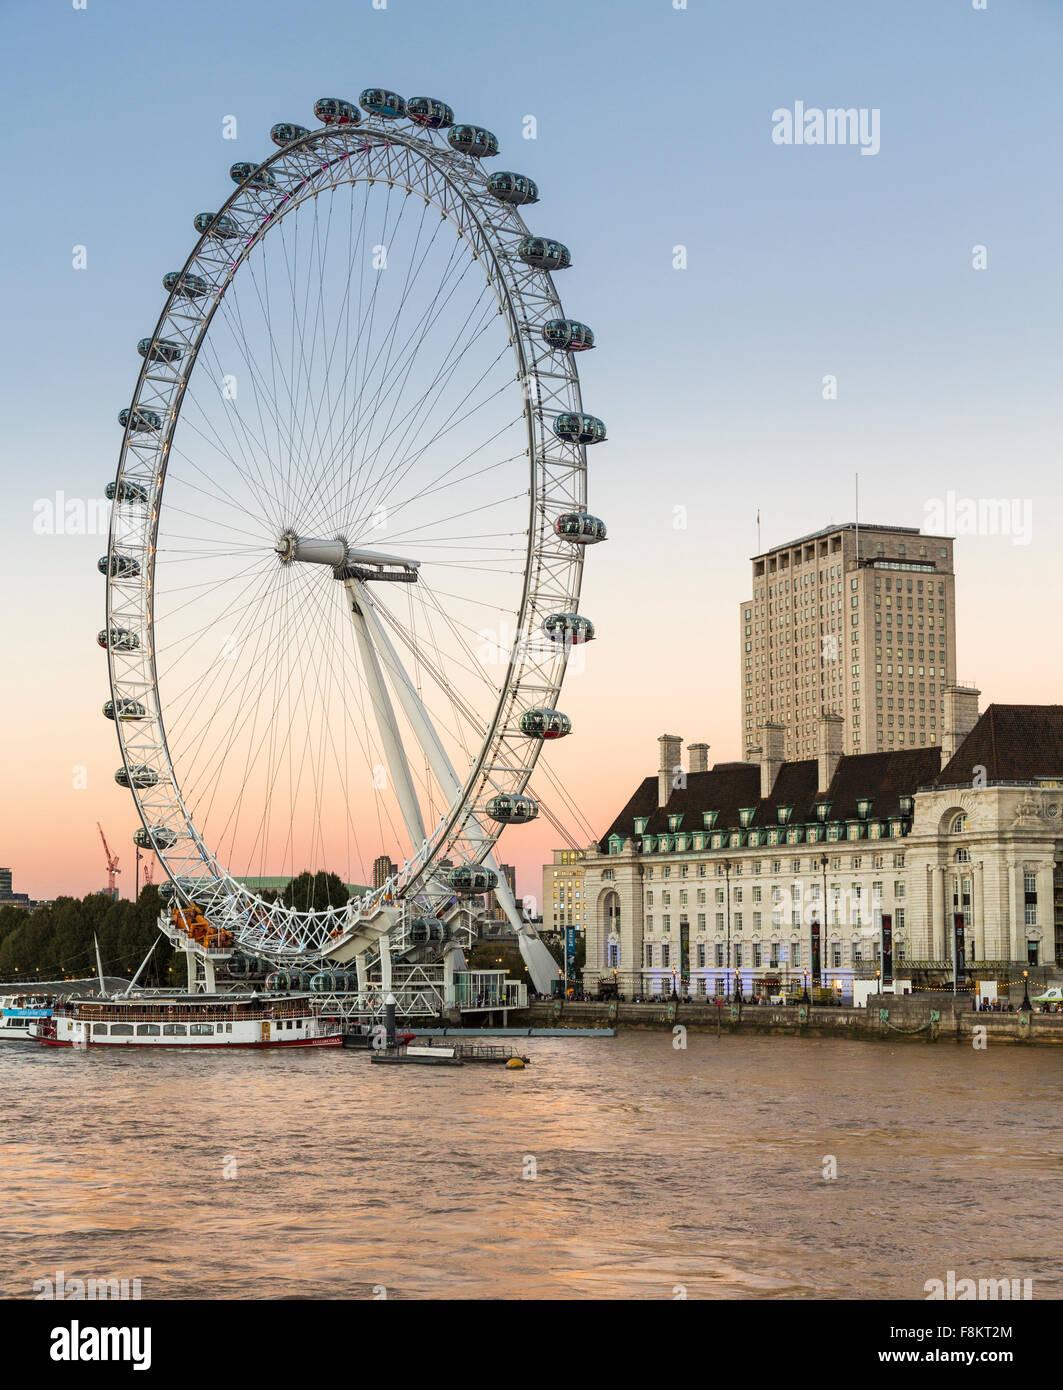 London Eye o Millennium Wheel sulla sponda sud del fiume Tamigi a Londra Inghilterra, Regno Unito Immagini Stock